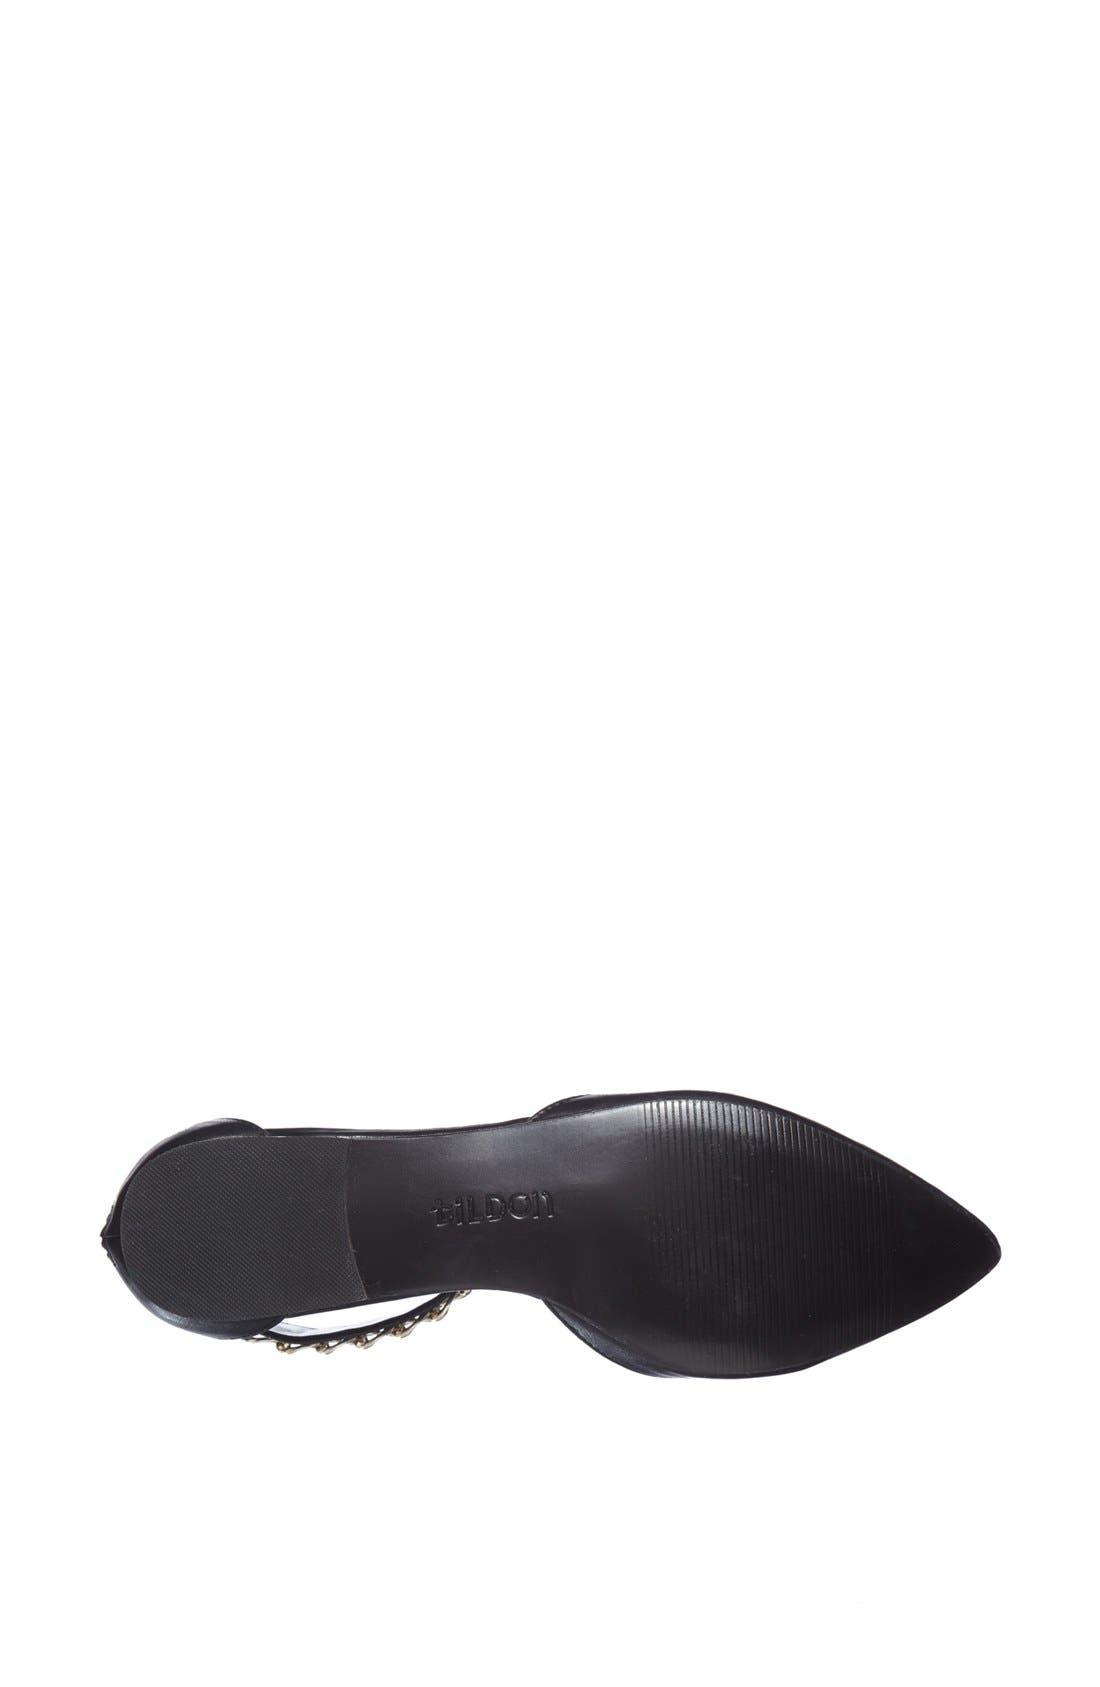 Alternate Image 4  - Tildon 'Anya' Ankle Strap D'Orsay Flat